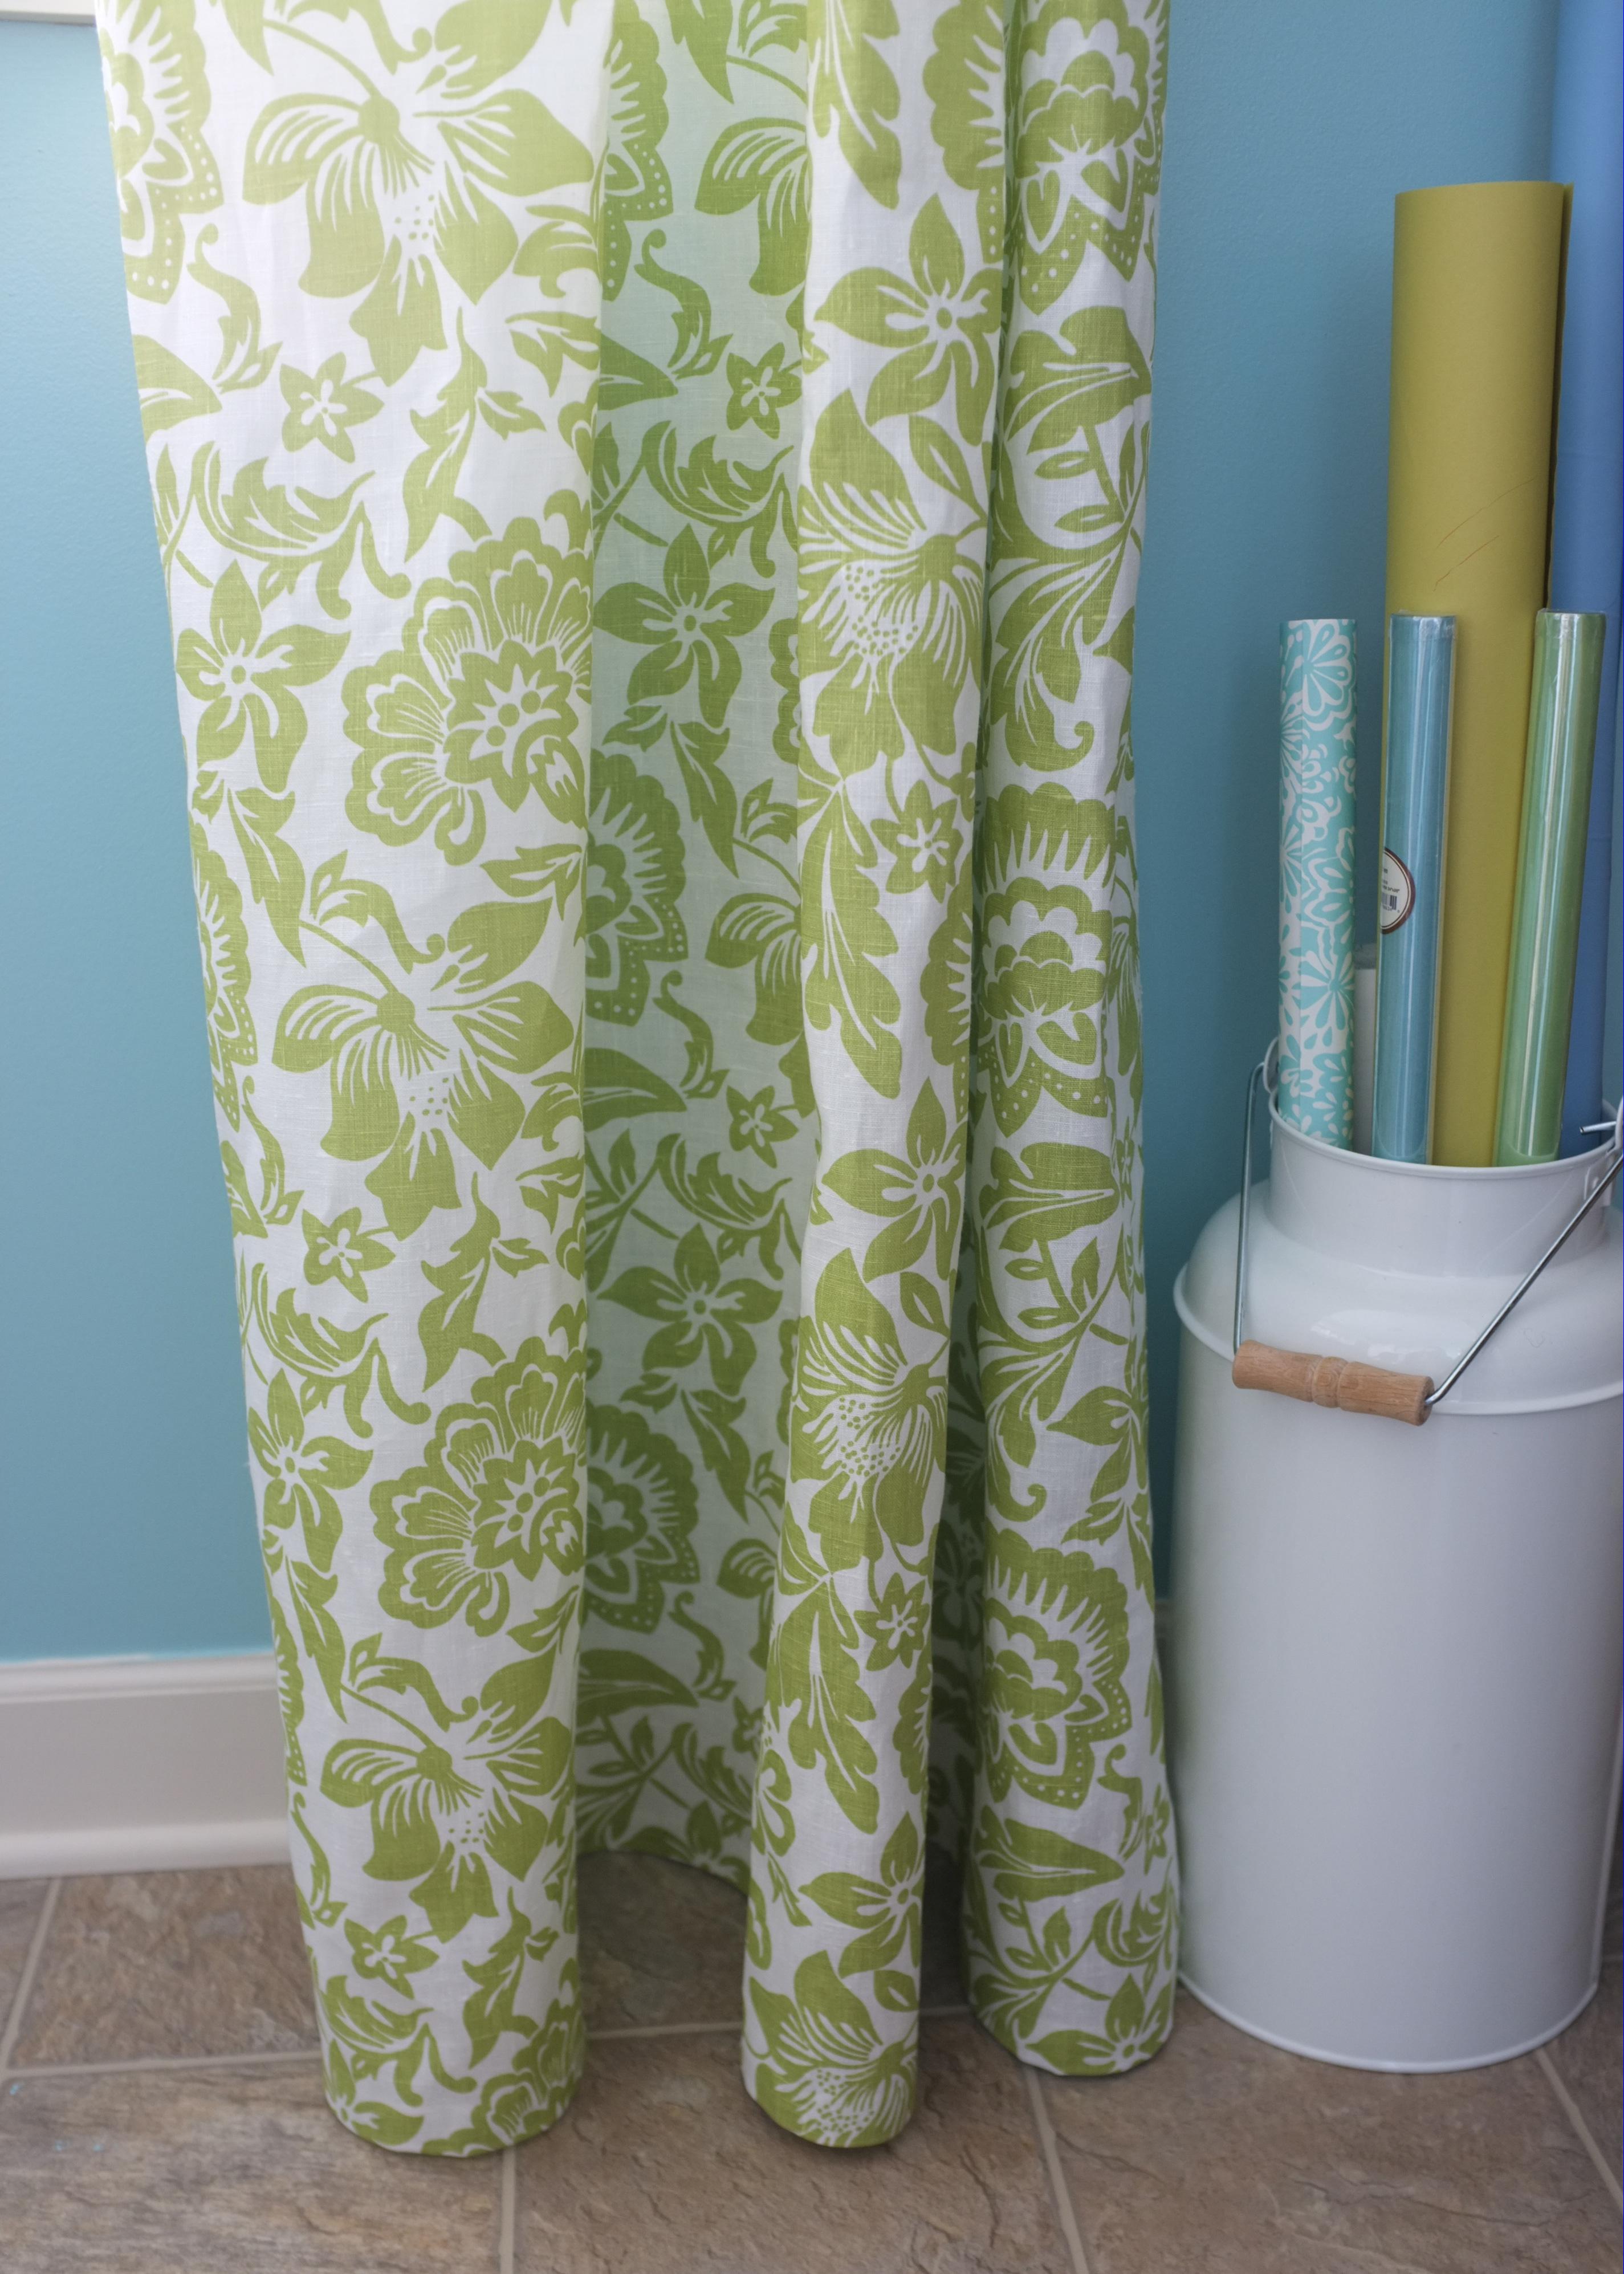 Laundry Room No-Sew Drapes